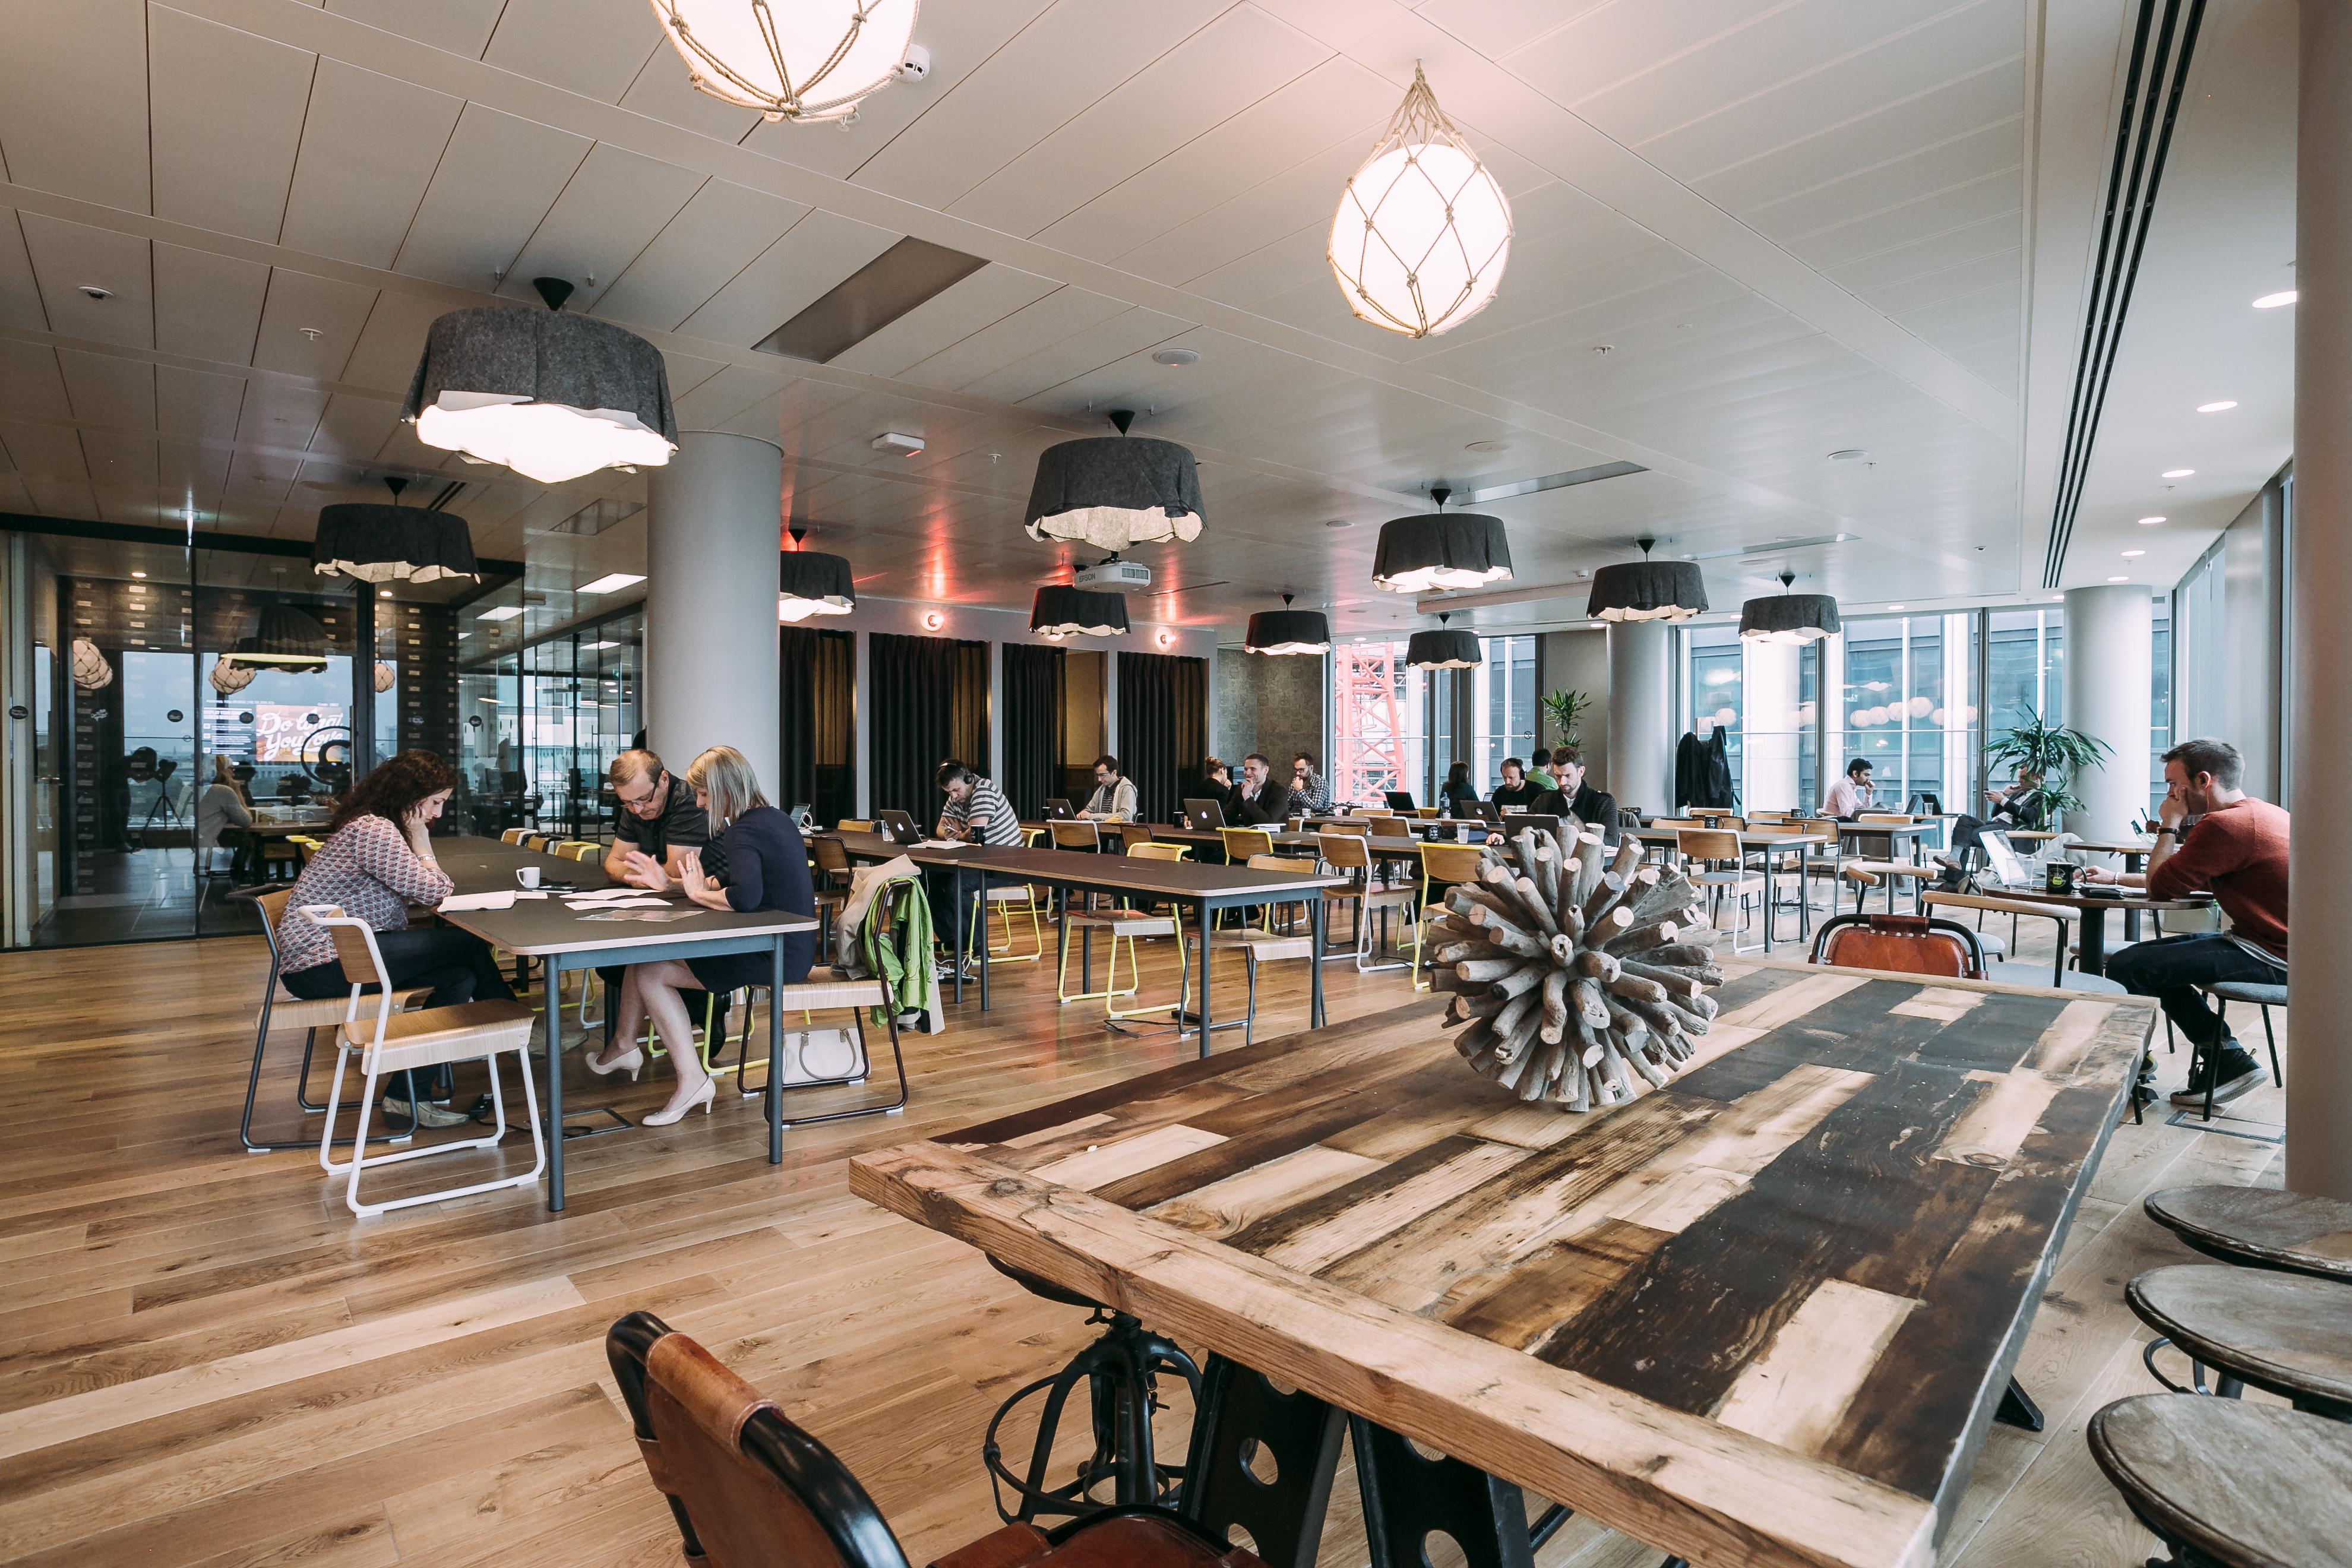 Bureau Informatique Petit Espace corpoworking : aménager un espace de coworking dans ses bureaux